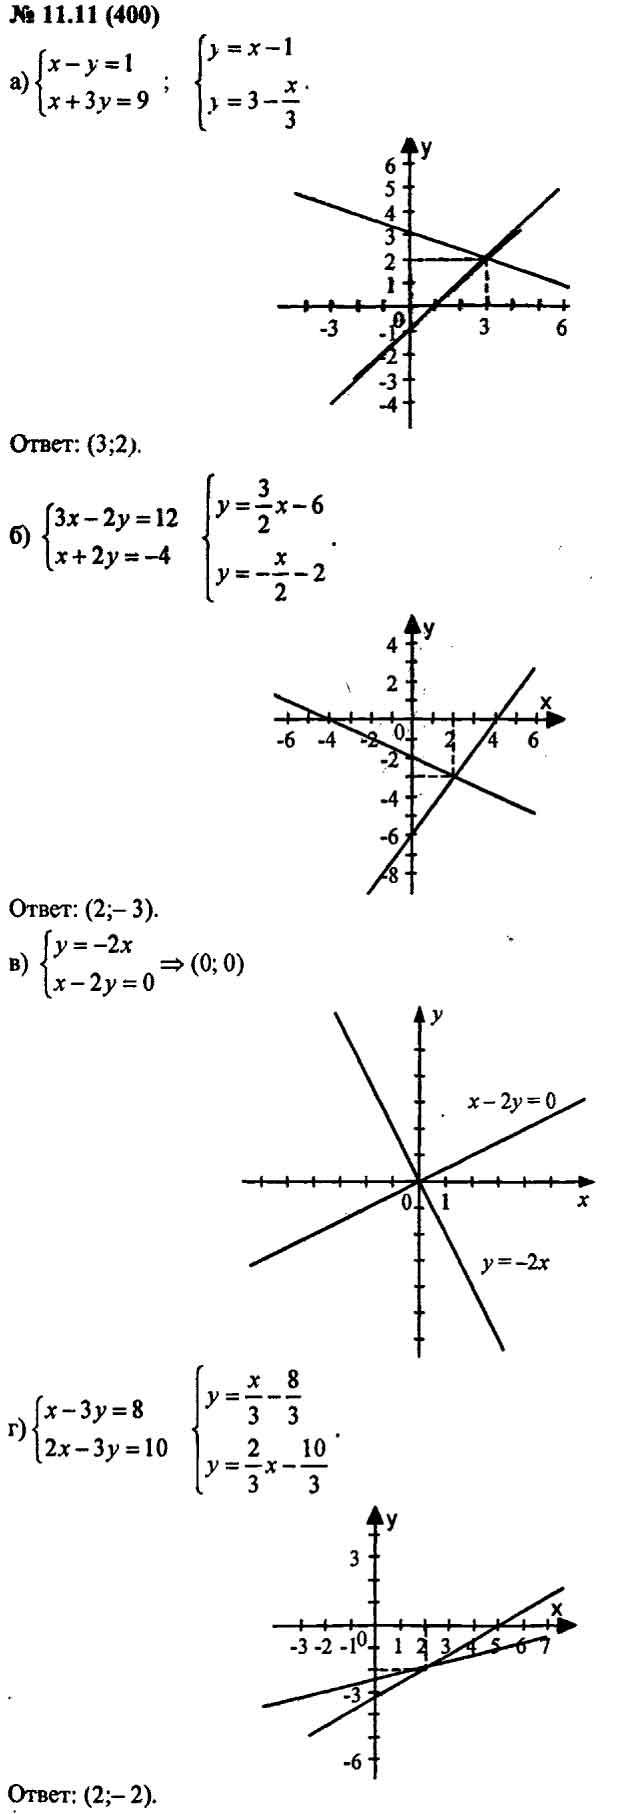 гдз: алгебра 7 класс мордкович а.г 2 часть 2017 г решения задач ответы